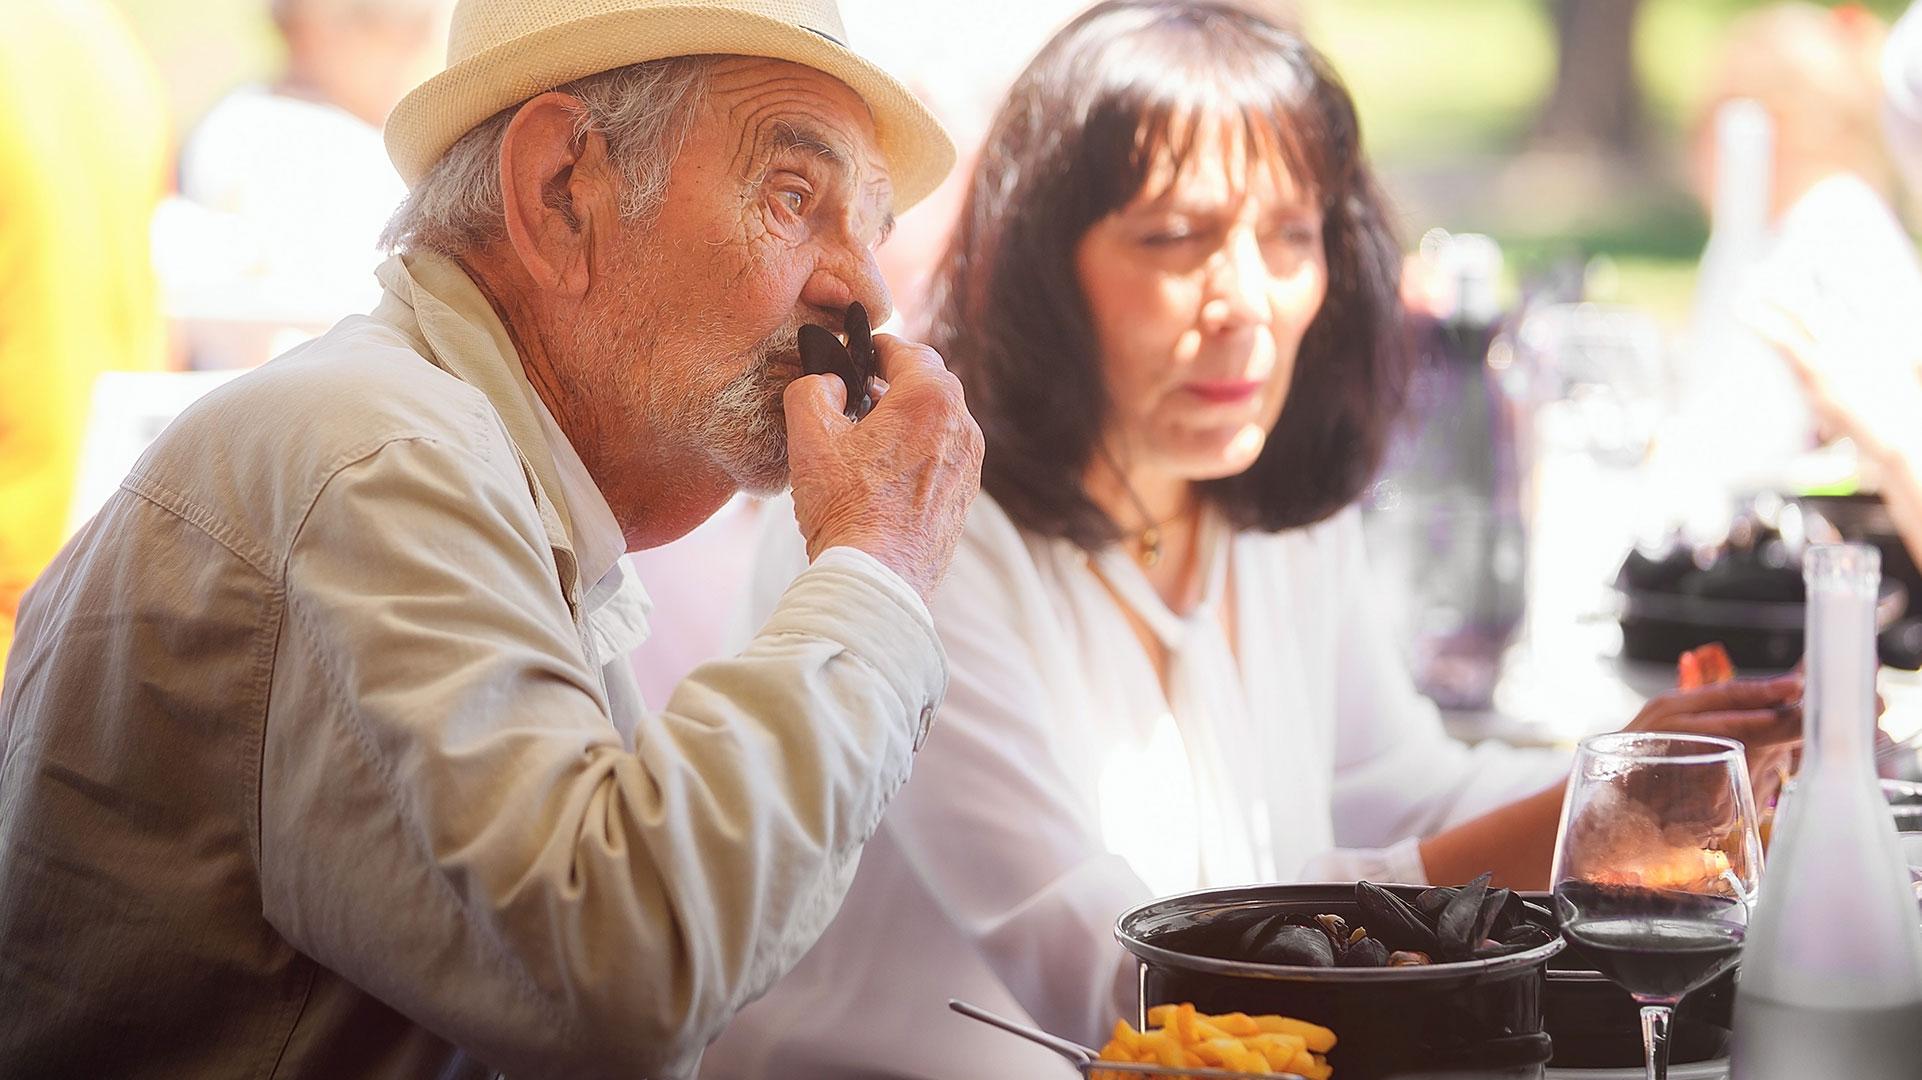 Menu-Delice-Plats-Restaurant-Les-Planches-Argeles-sur-mer